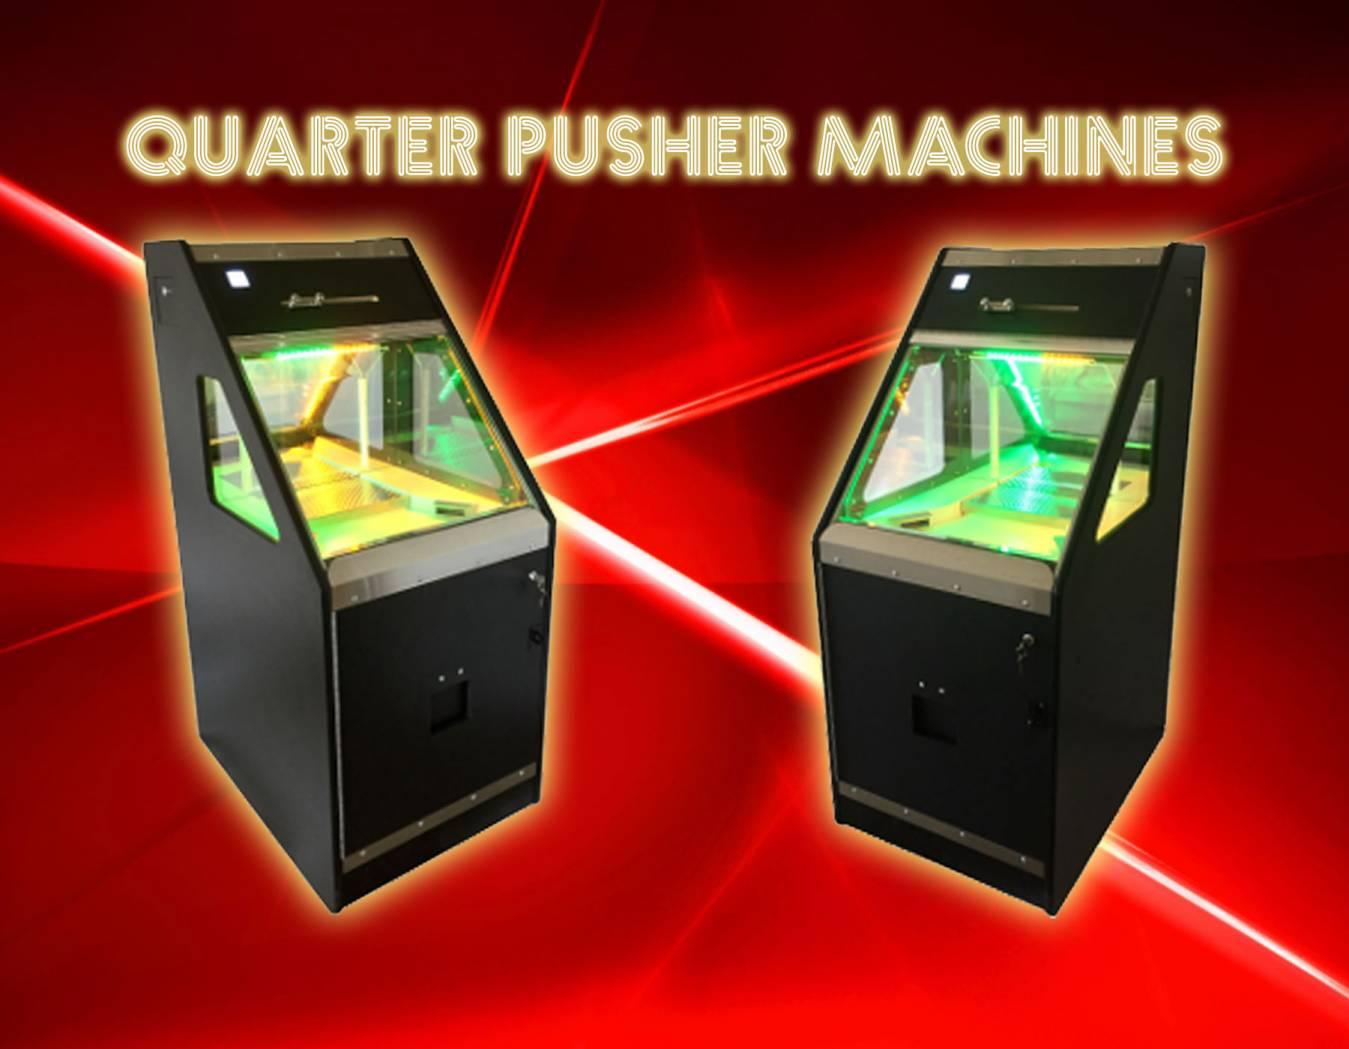 Quarter pusher machines